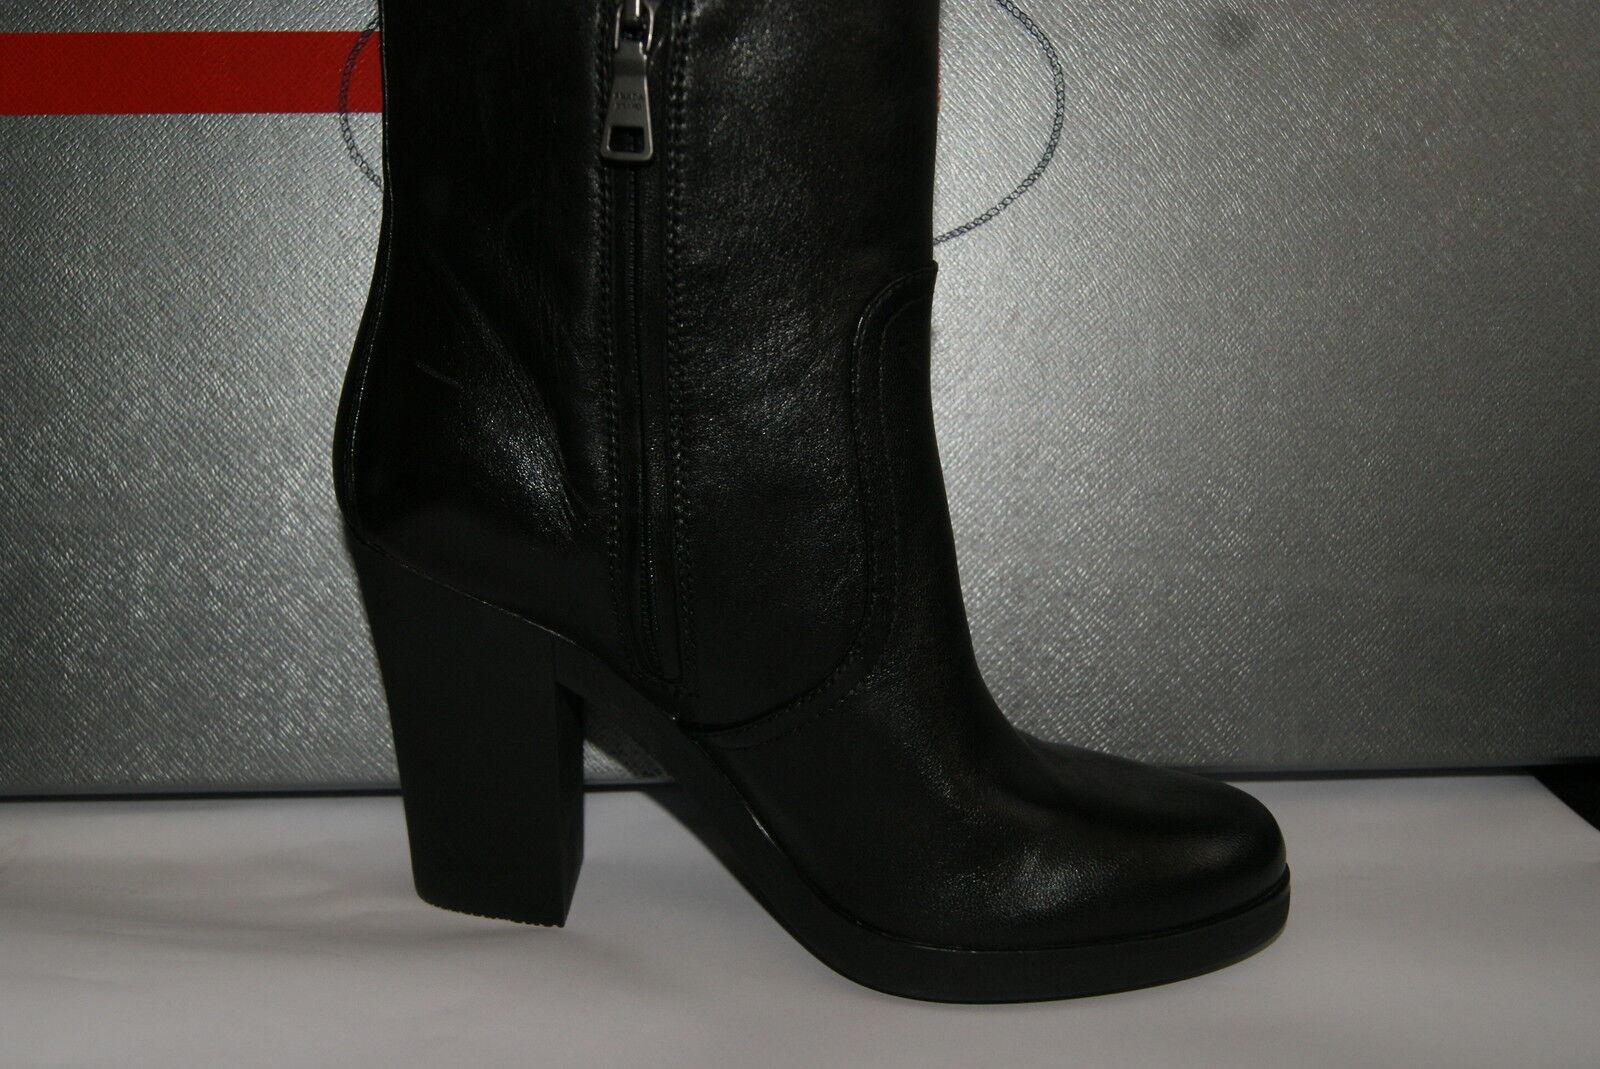 Orig. PRADA Stiefel Gr. 36 Leder Leder Leder schwarz Nappa NEU 36626c